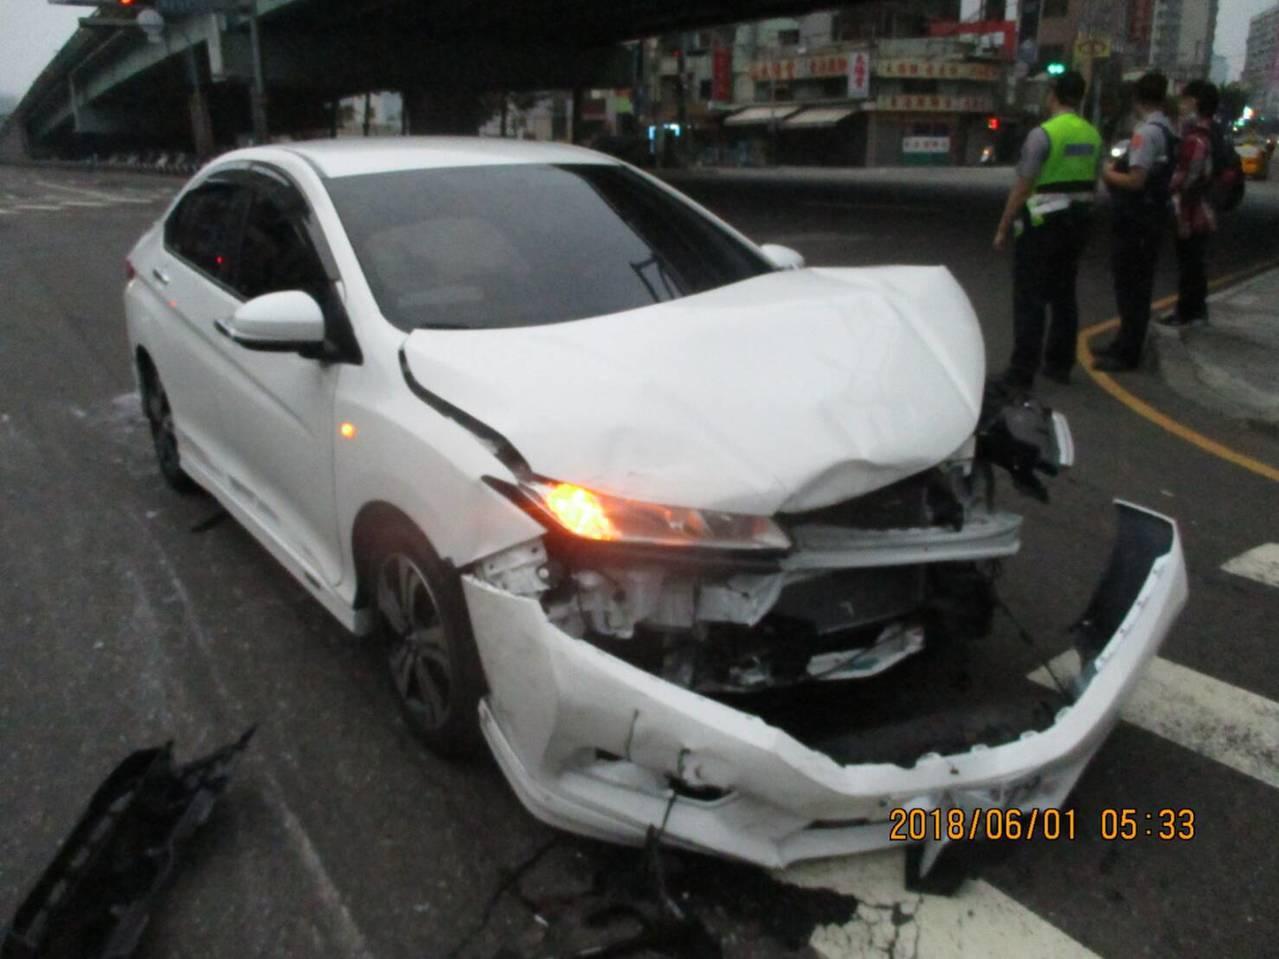 台中市西屯區台灣大道、黎明路口今天上午5時許,發生一起車禍,一輛貨車被撞翻,轎車...